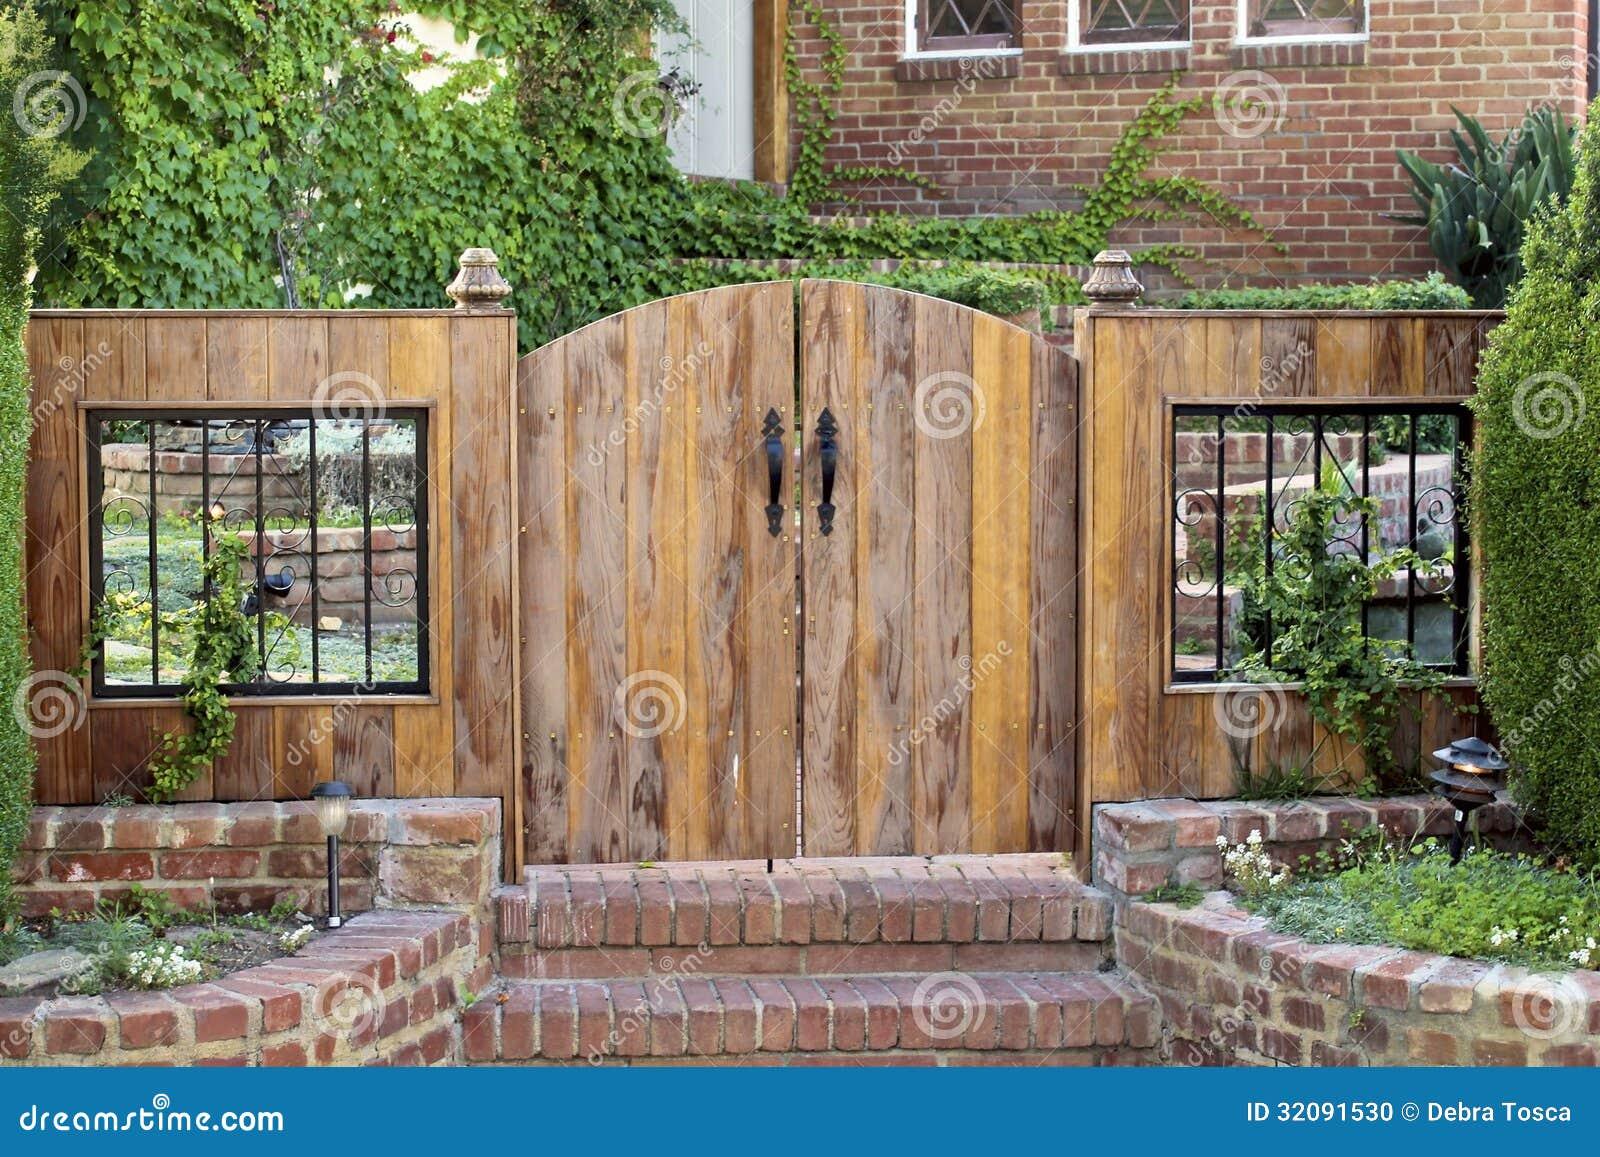 Gate Front Door And Wooden